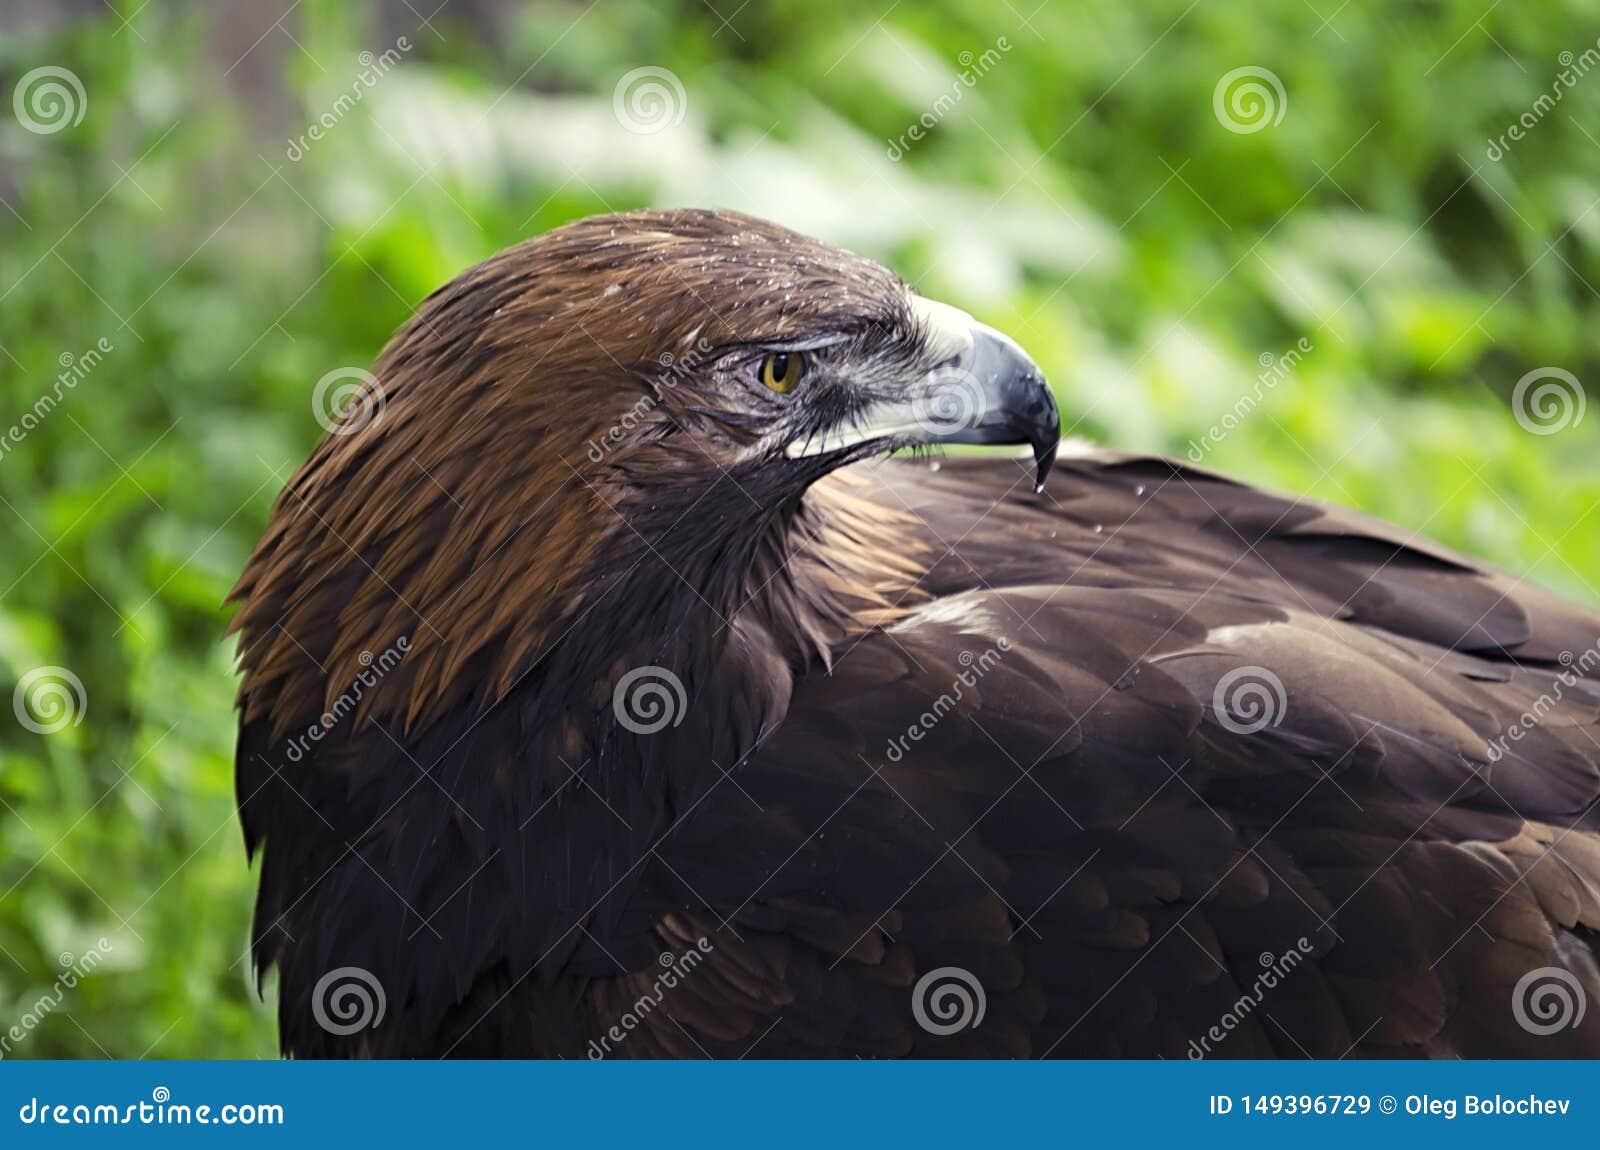 La vue d un aigle, un oiseau de la proie sur la terre, oiseaux en captivité, une fin d aigle